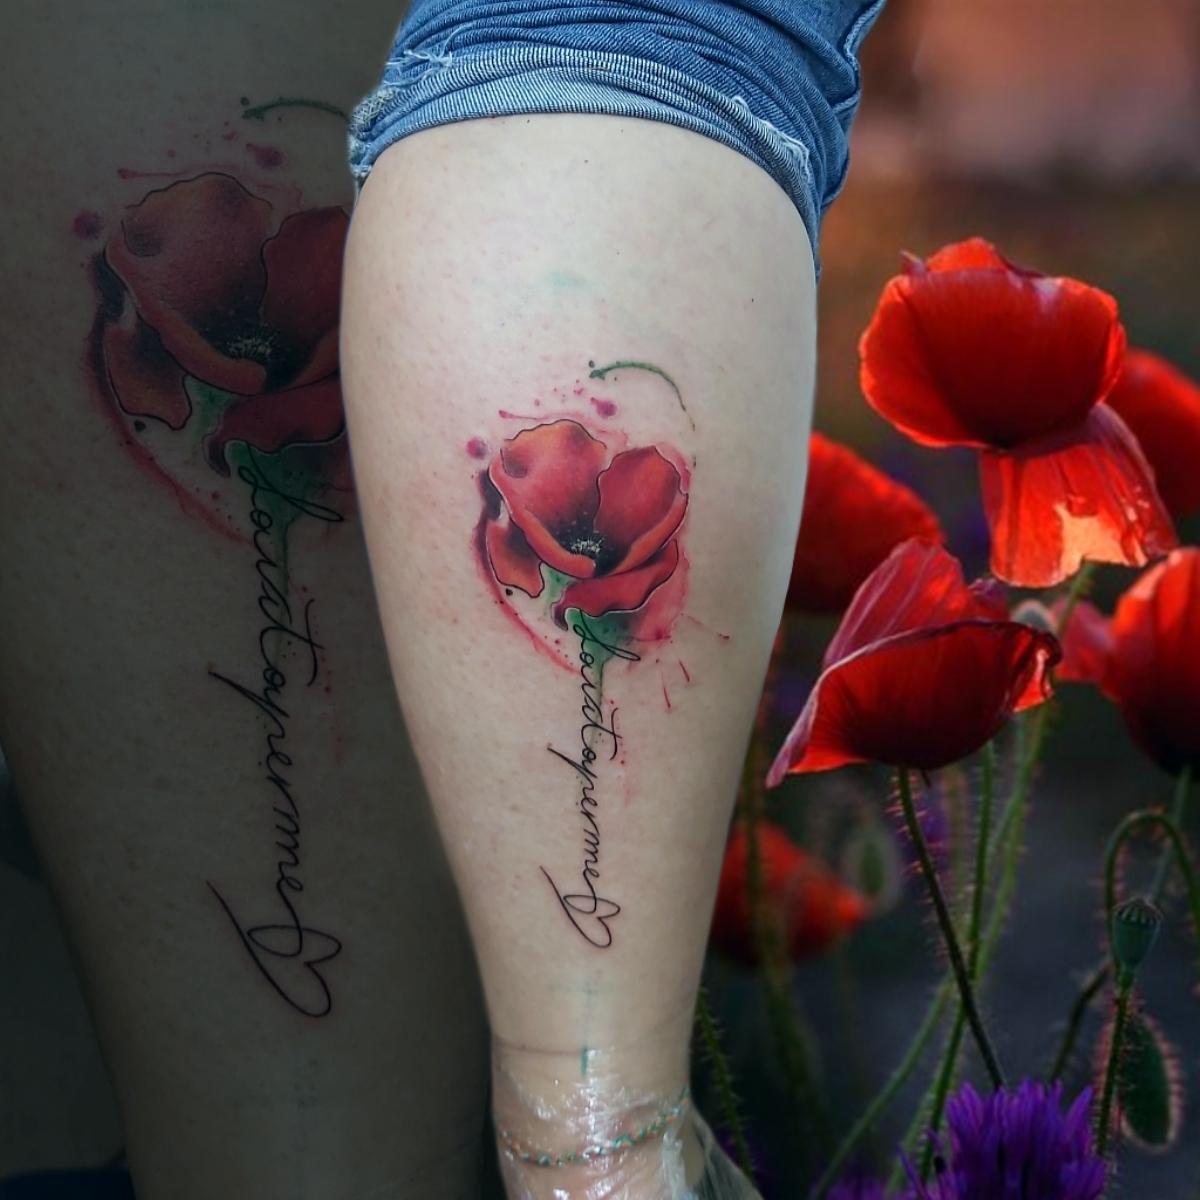 Muenchen-Tattoo-Referenzen-Galerie-19